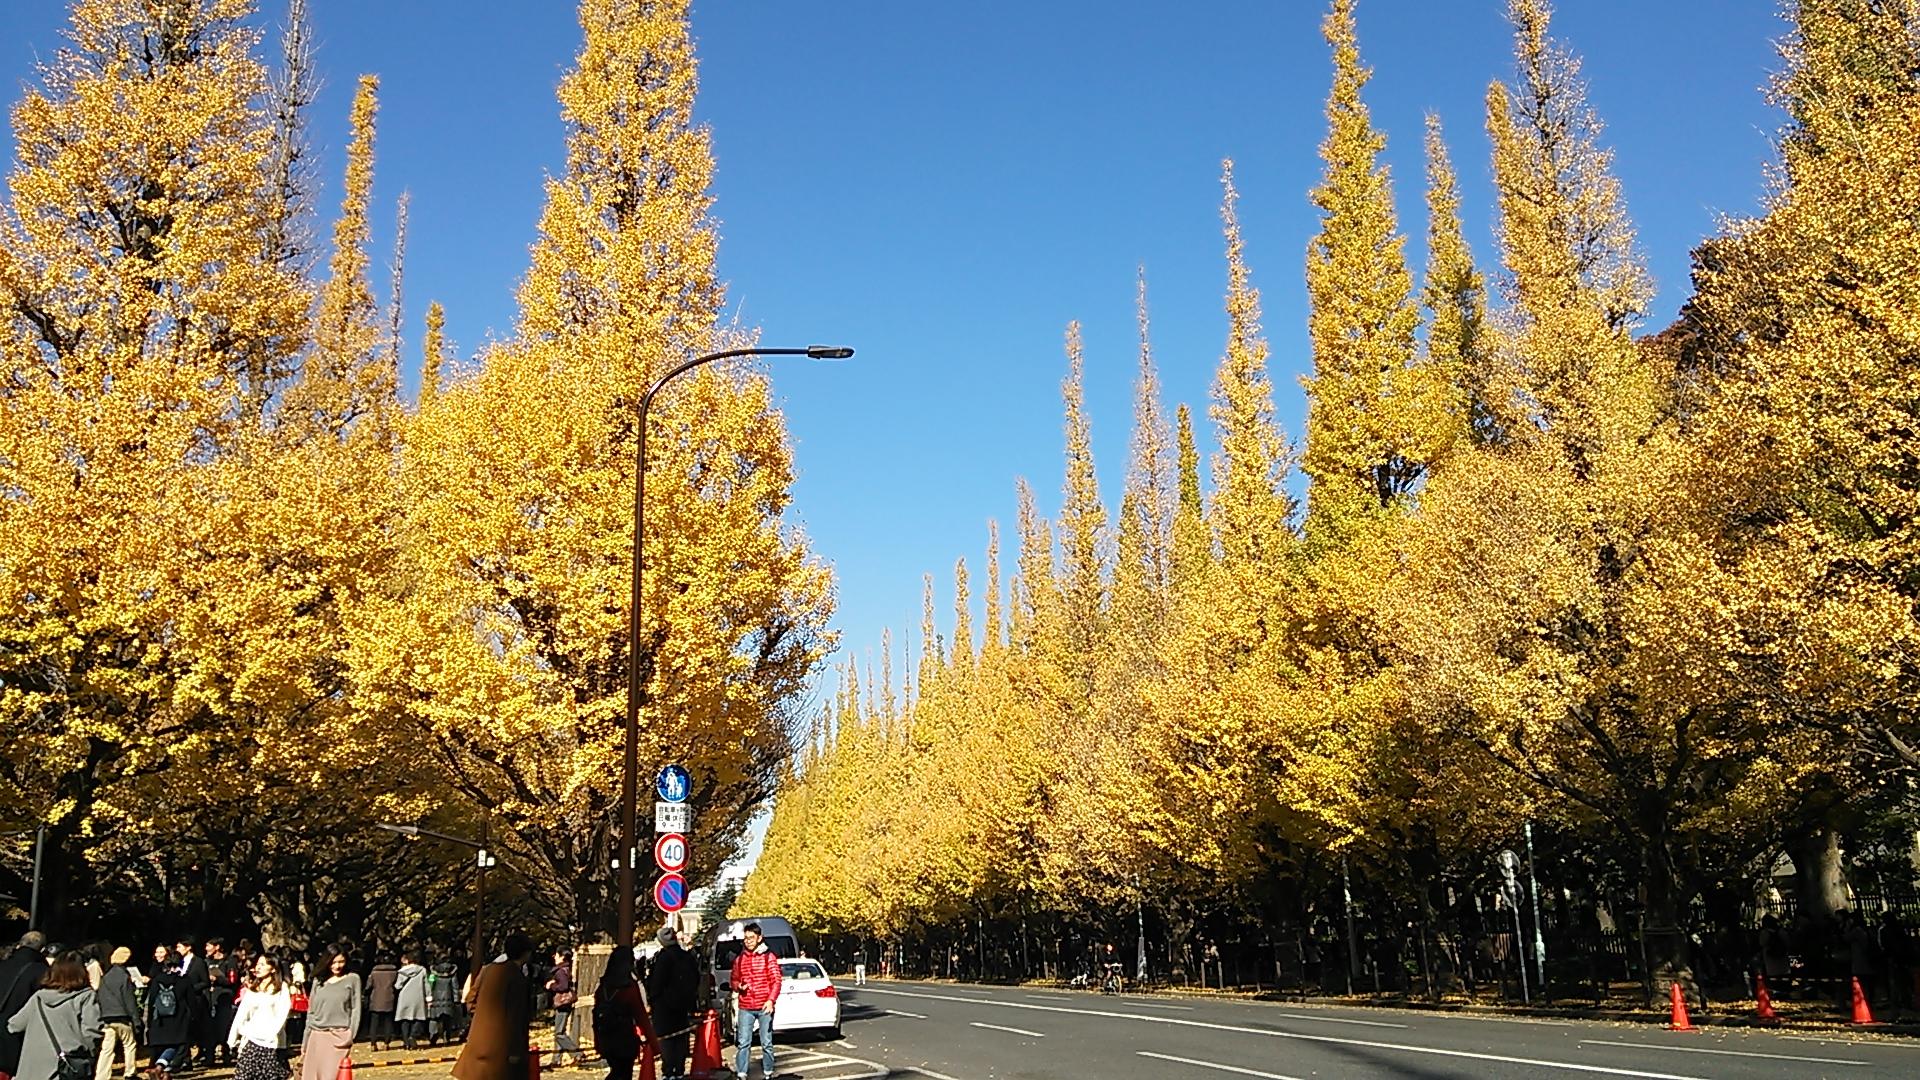 黄金色のいちょう並木で、秋を満喫♪ イメージ